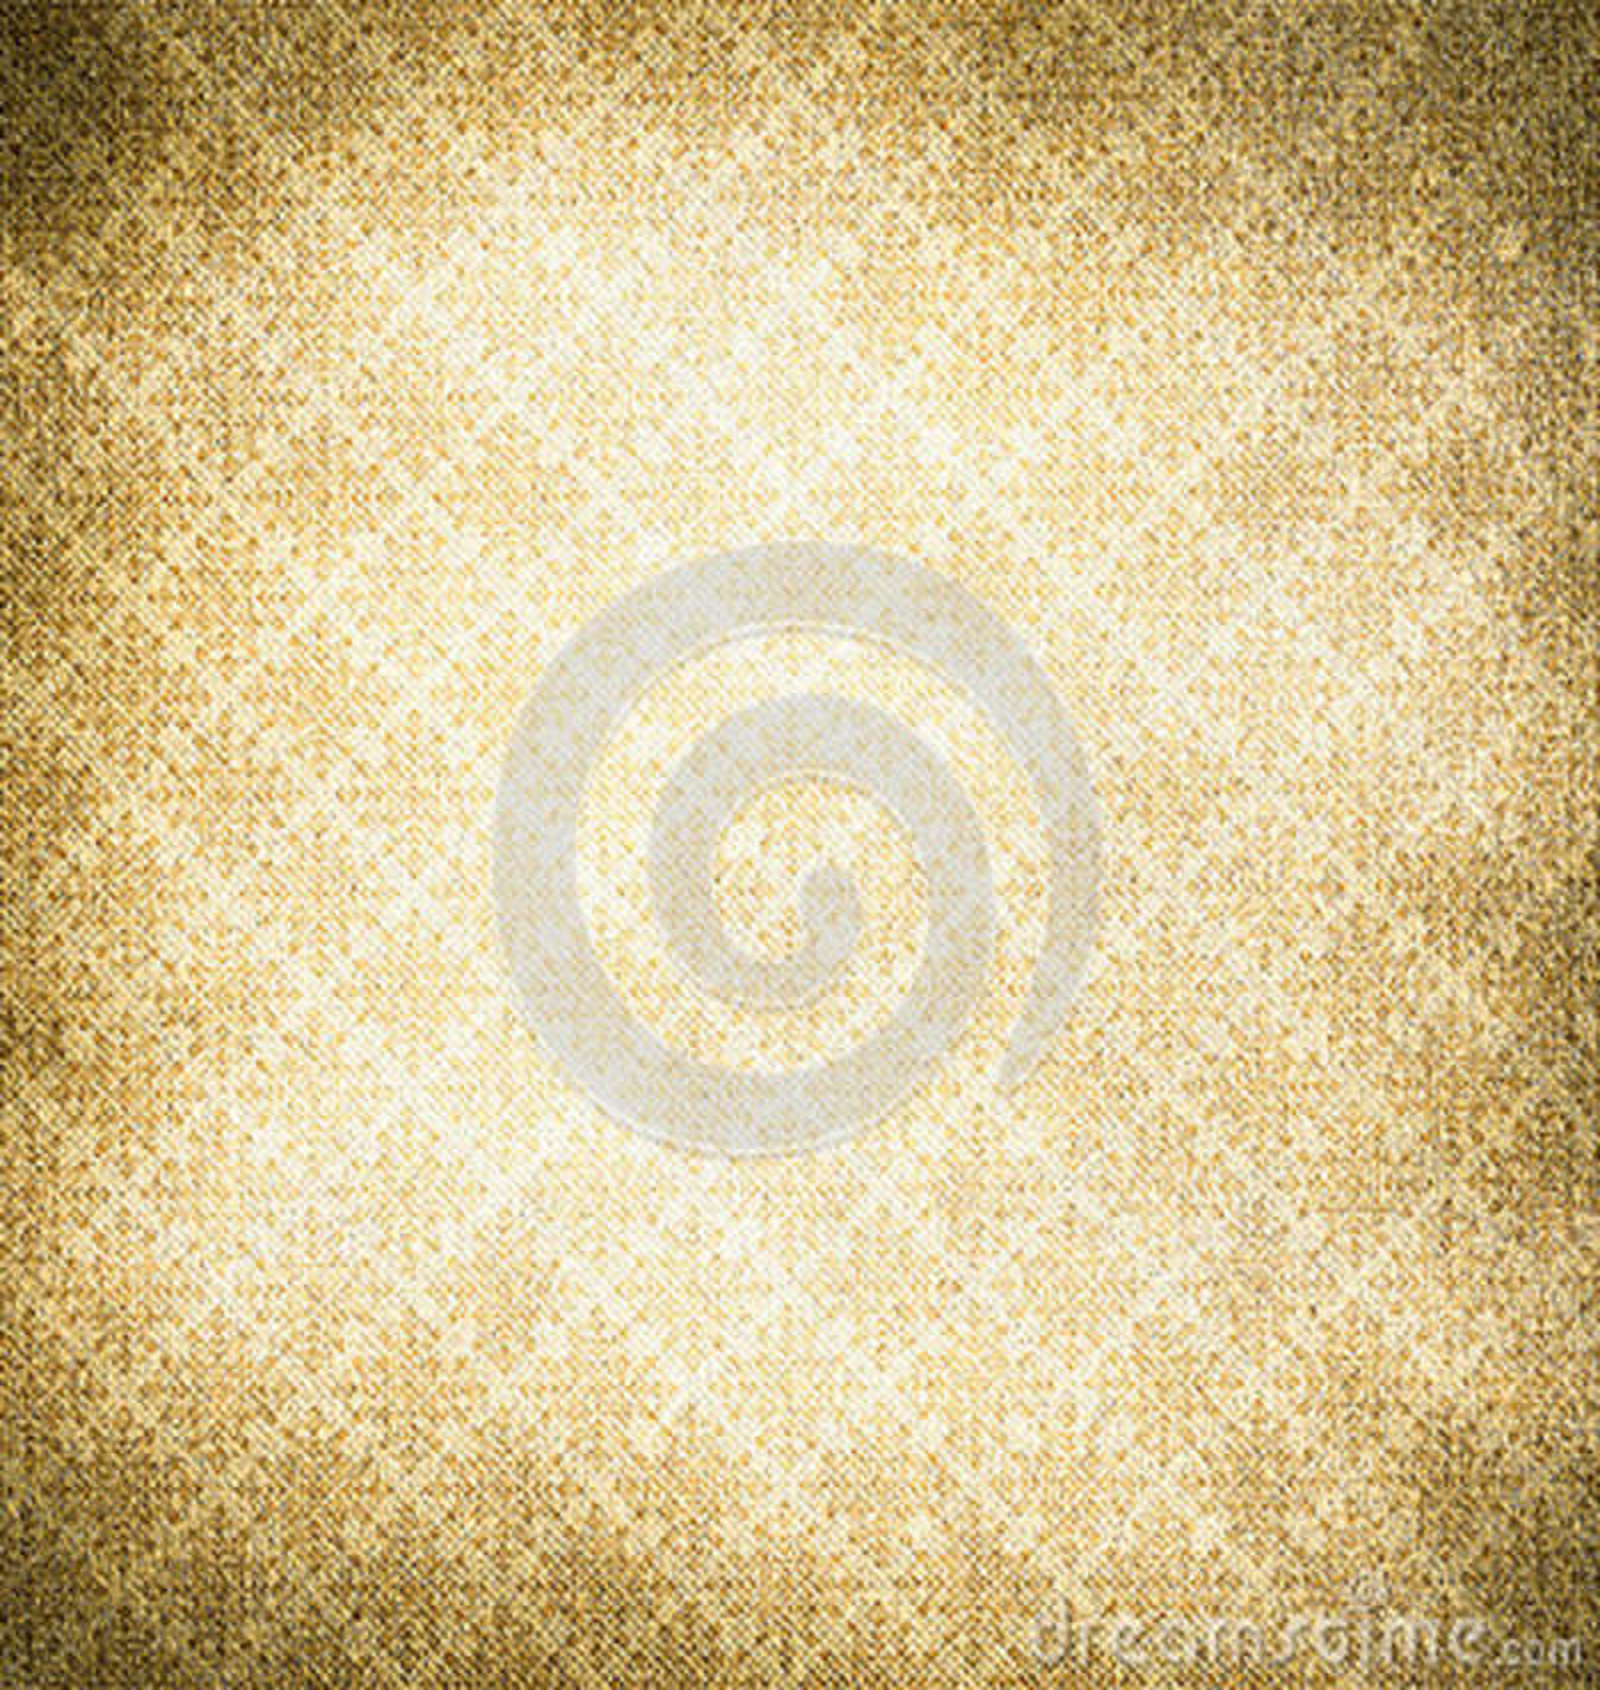 Grunge patterned wallpaper background